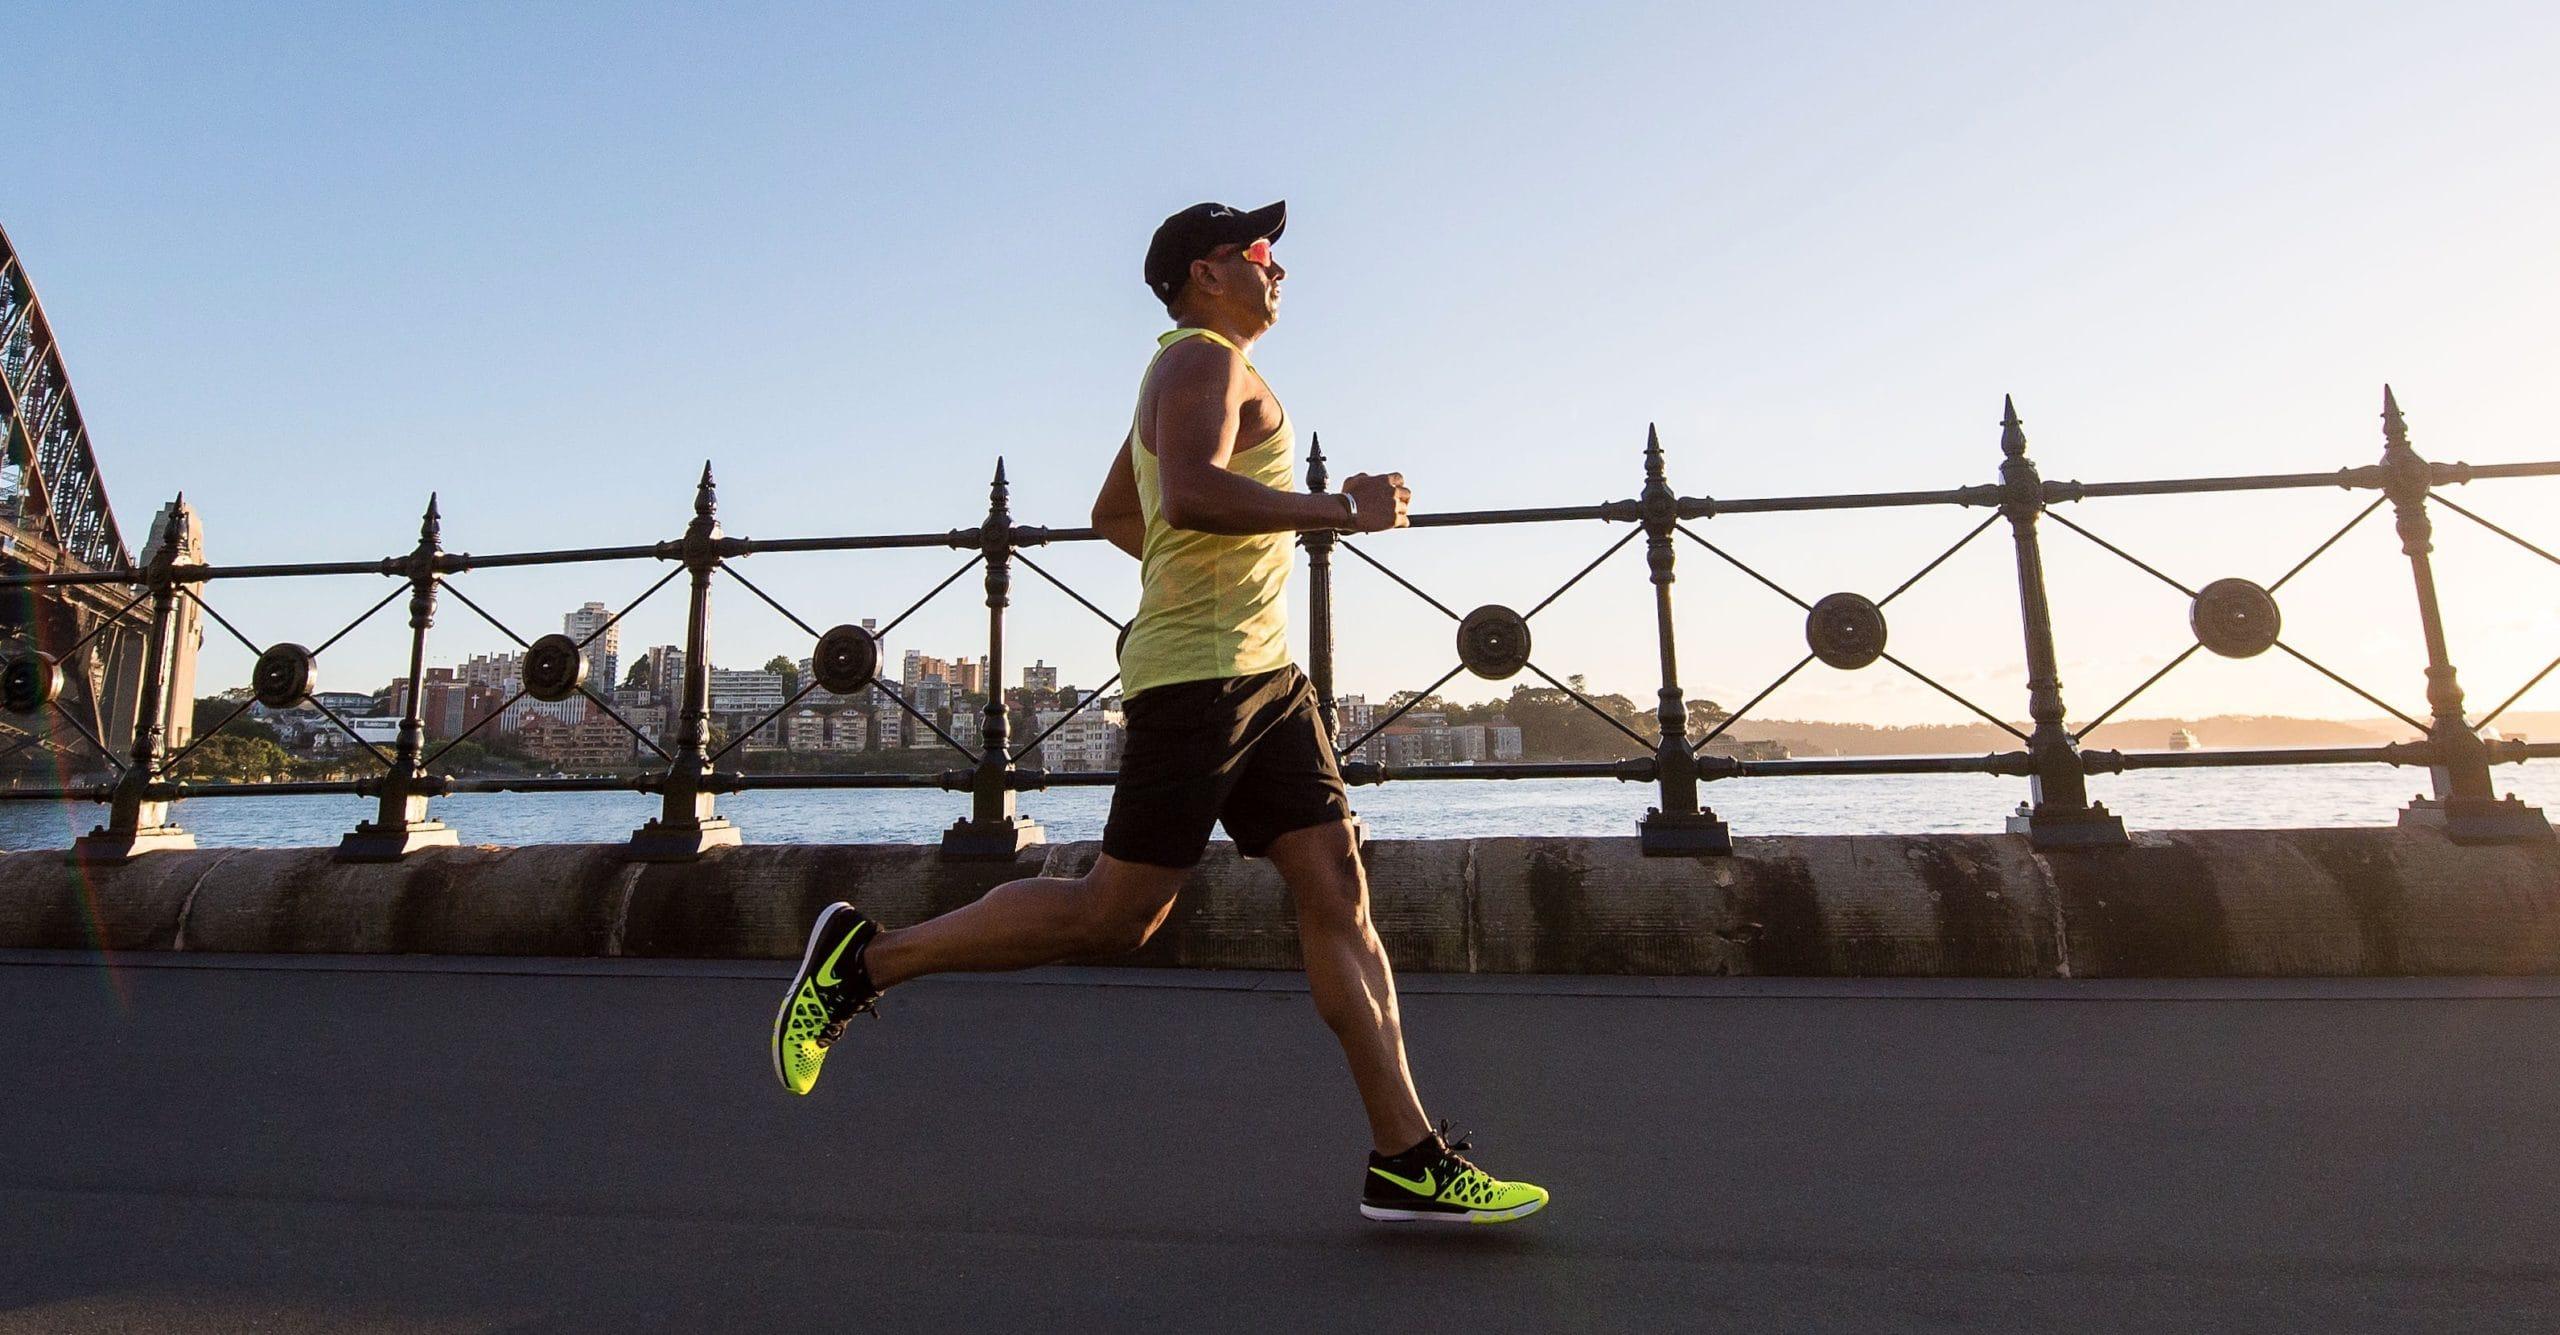 Jos markkinointi on maraton, HubSpot on Niken tossut